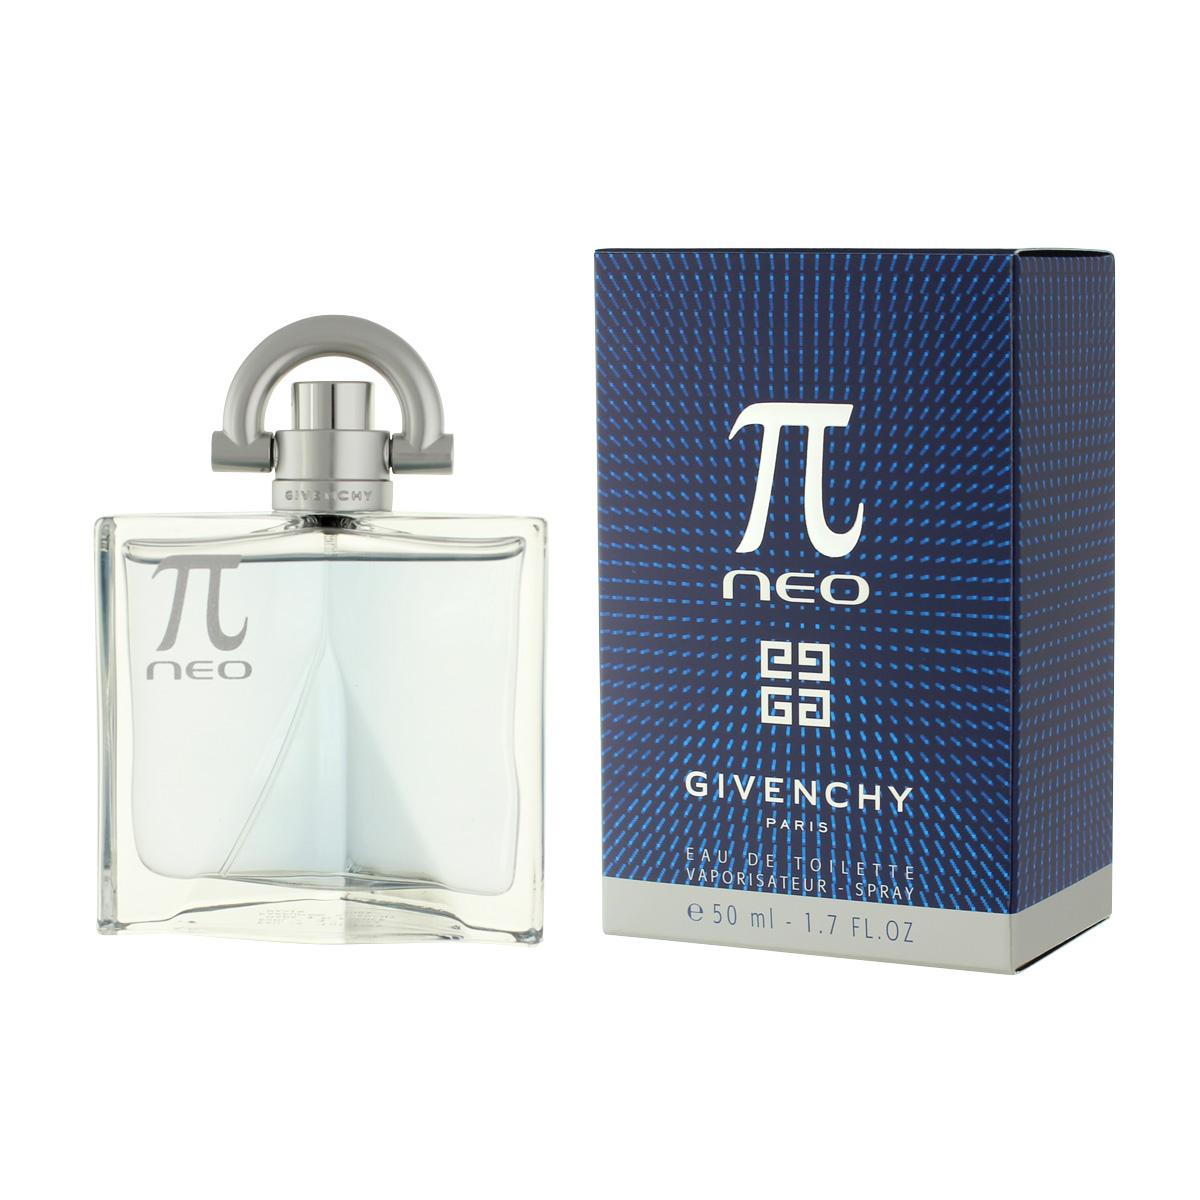 Givenchy Pi Neo EDT 50 ml M